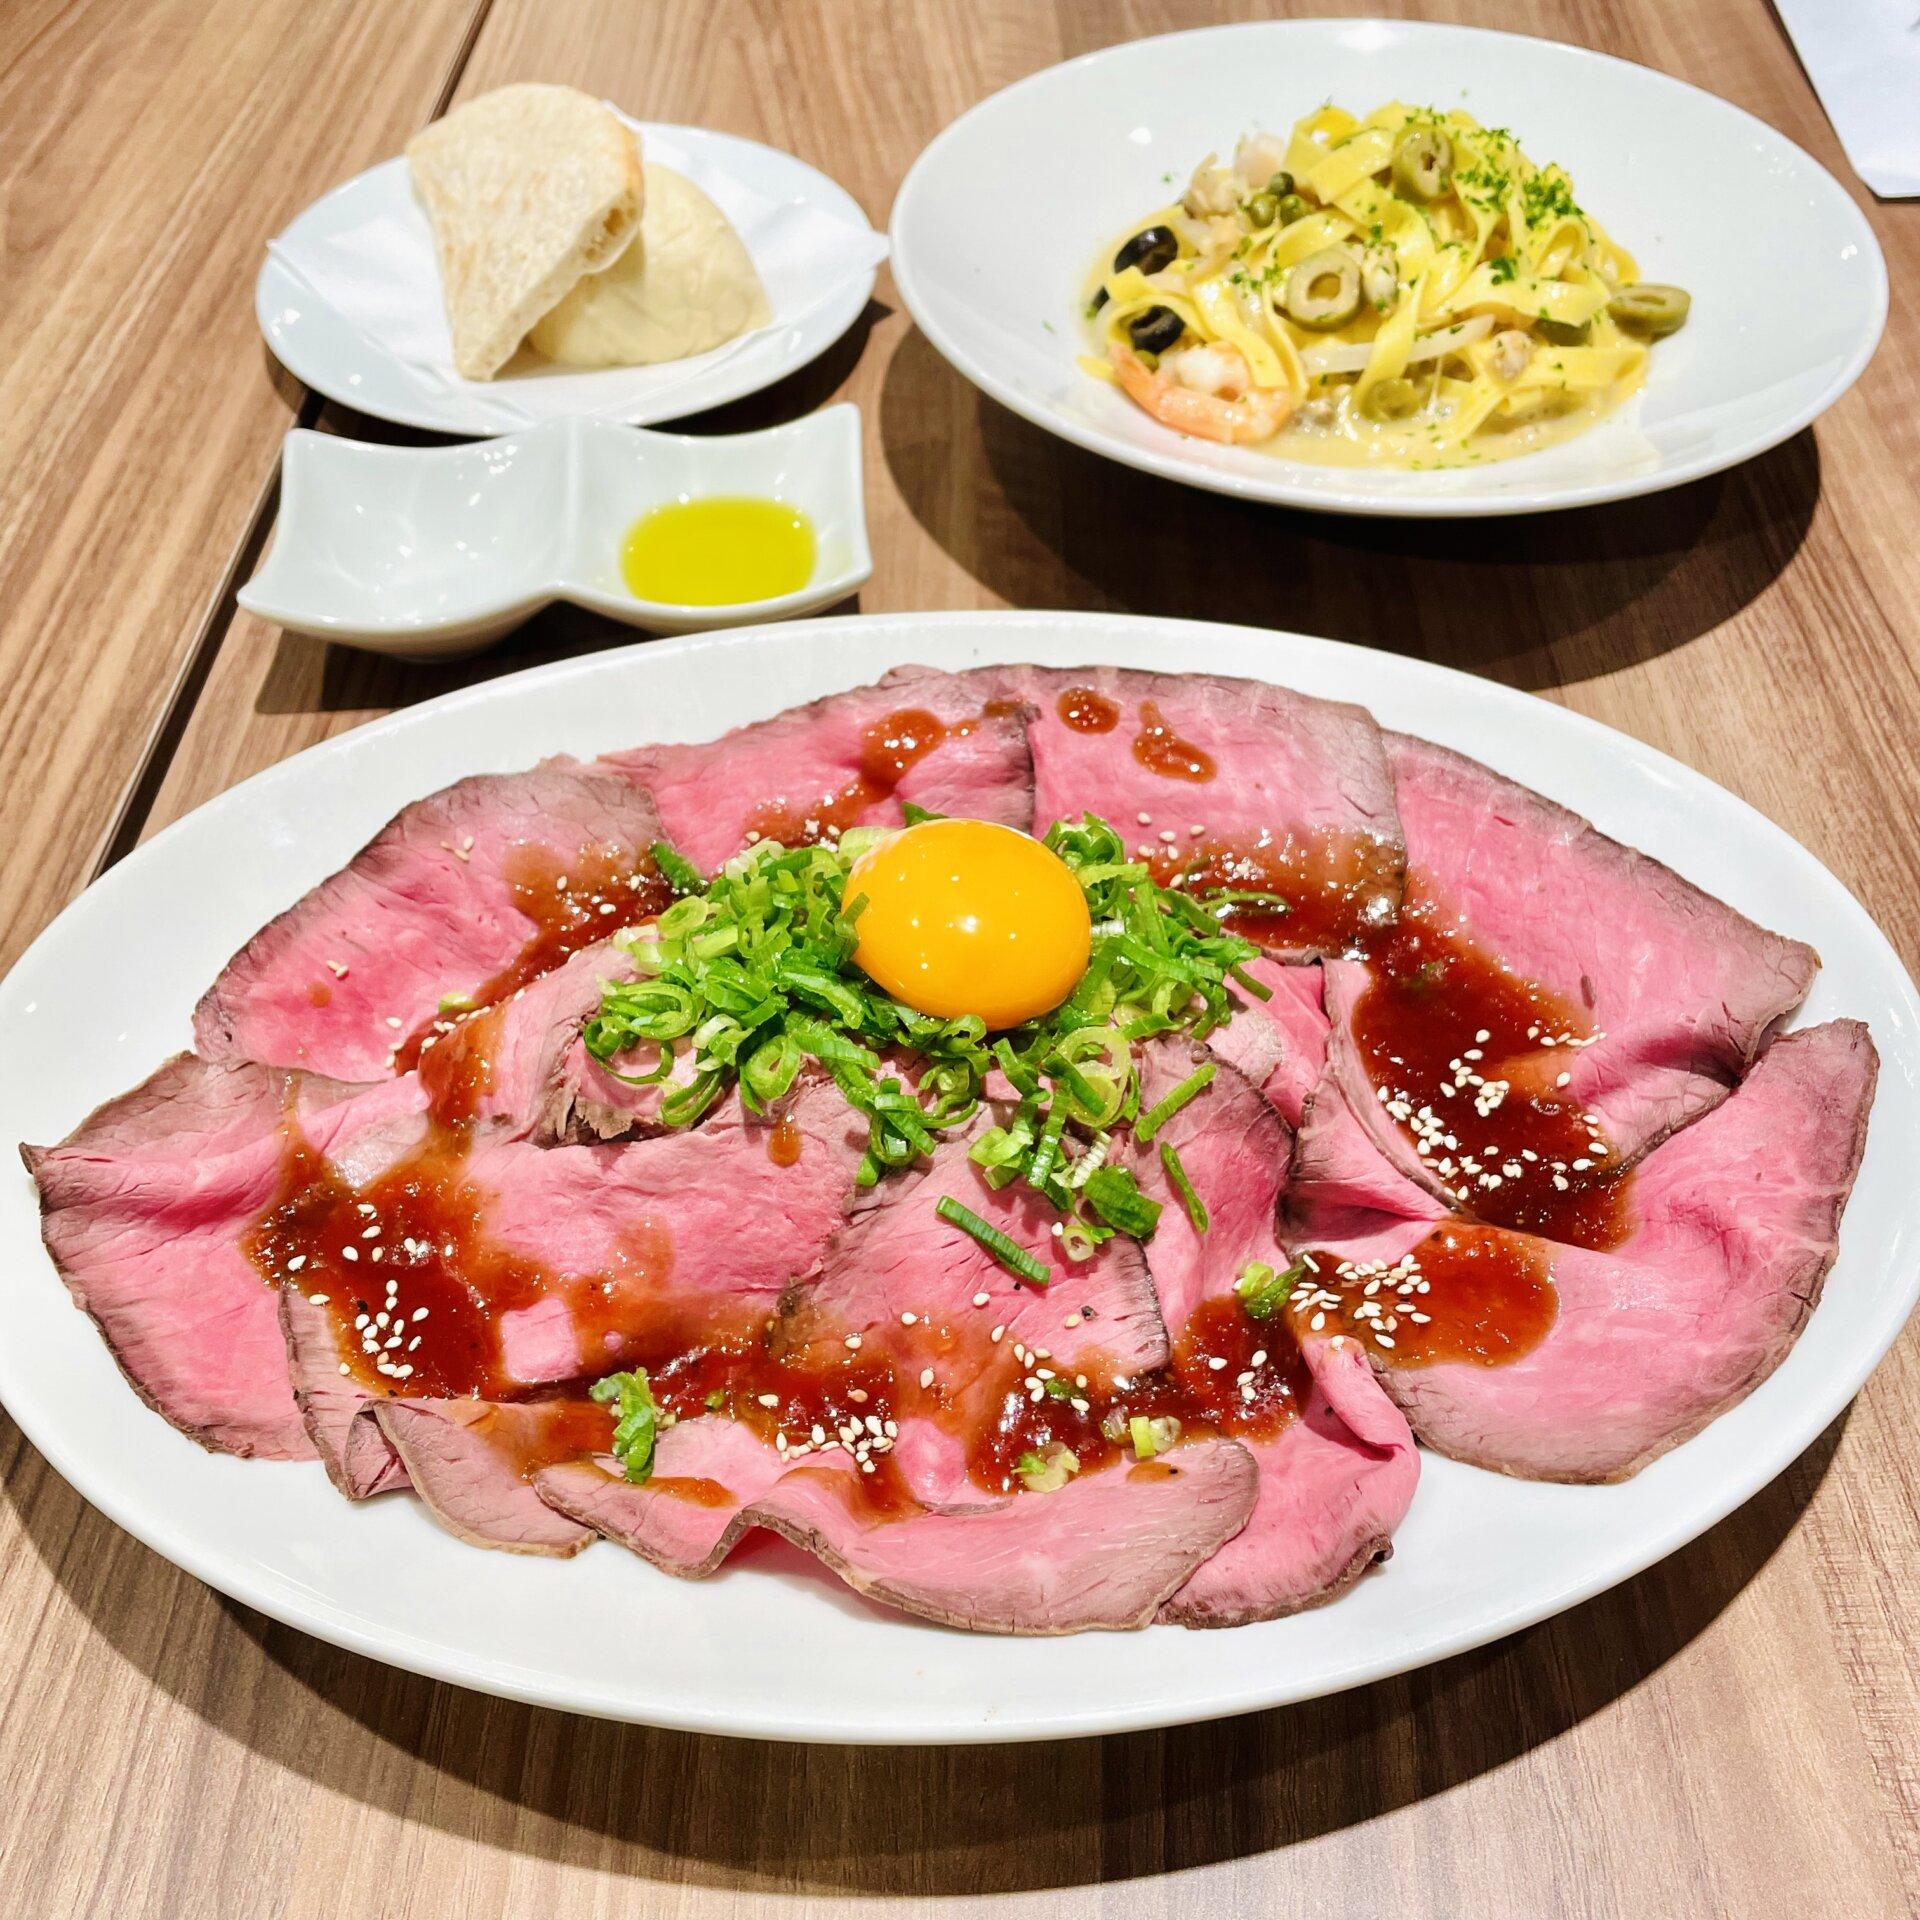 【渋谷マークシティ】成城石井のレストラン!!「Le Bar a Vin 52」ローストビーフ丼